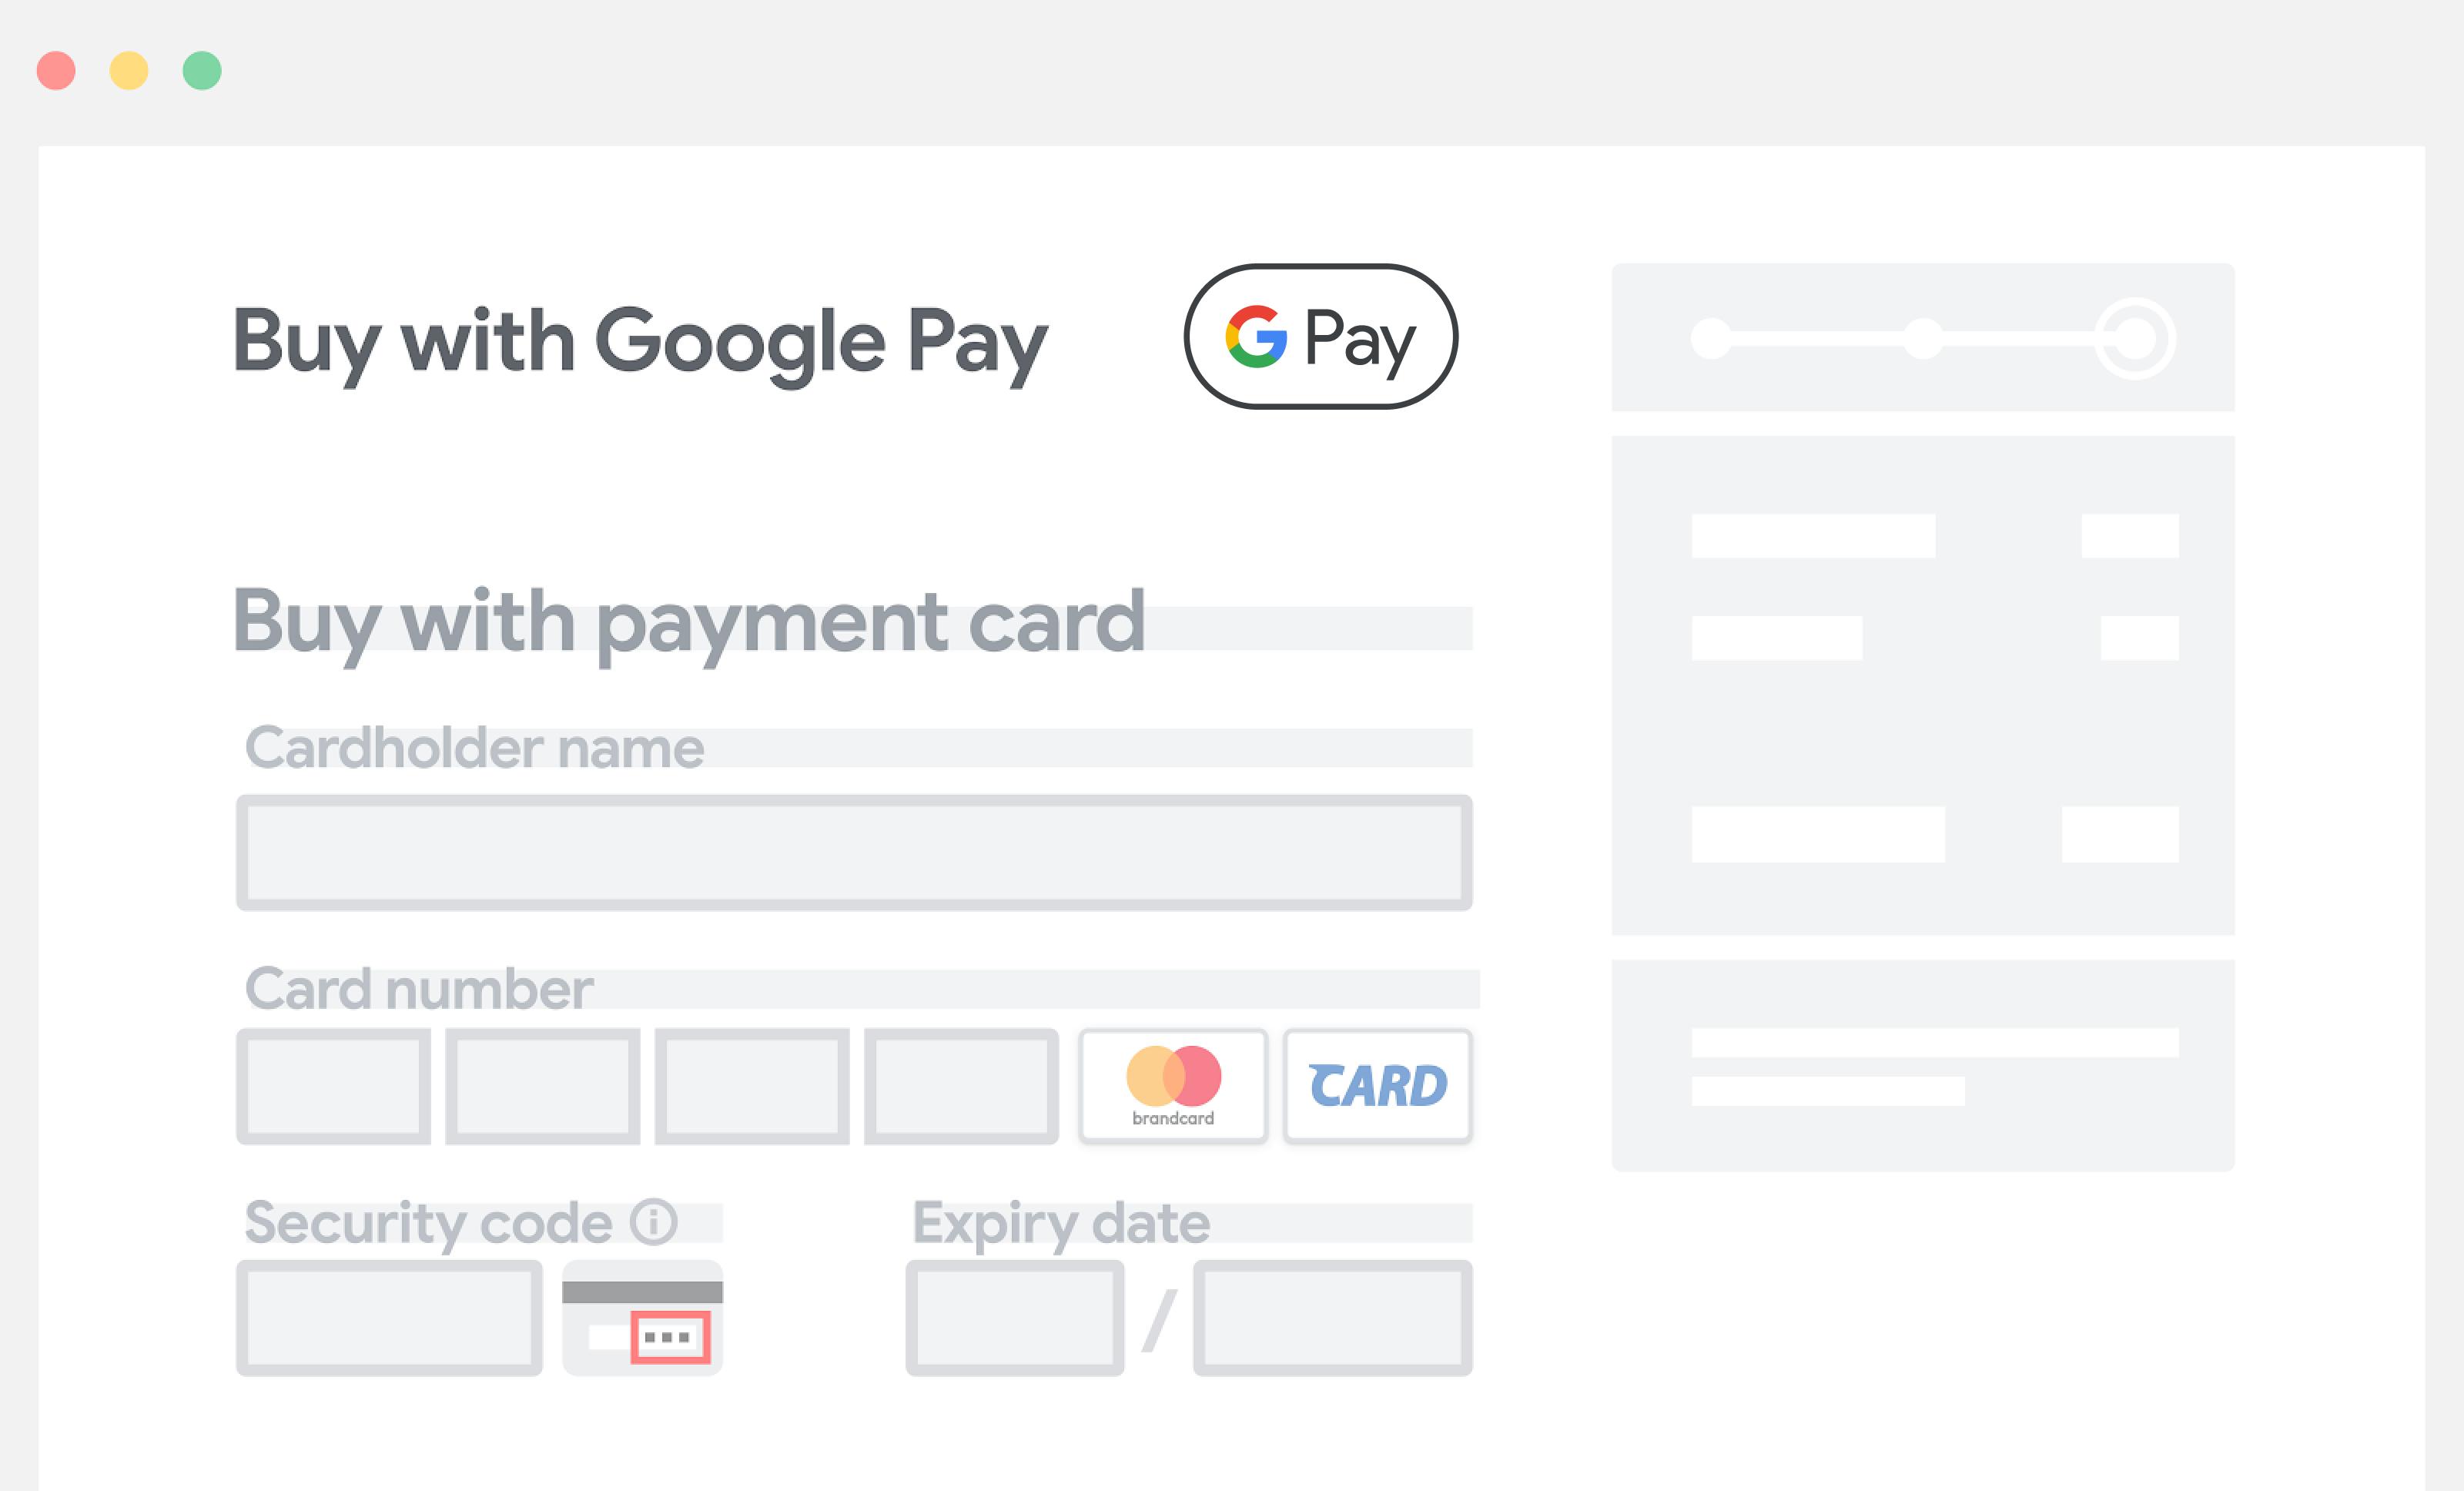 将 Google Pay 放在手动输入字段上方以便于输入付款信息。